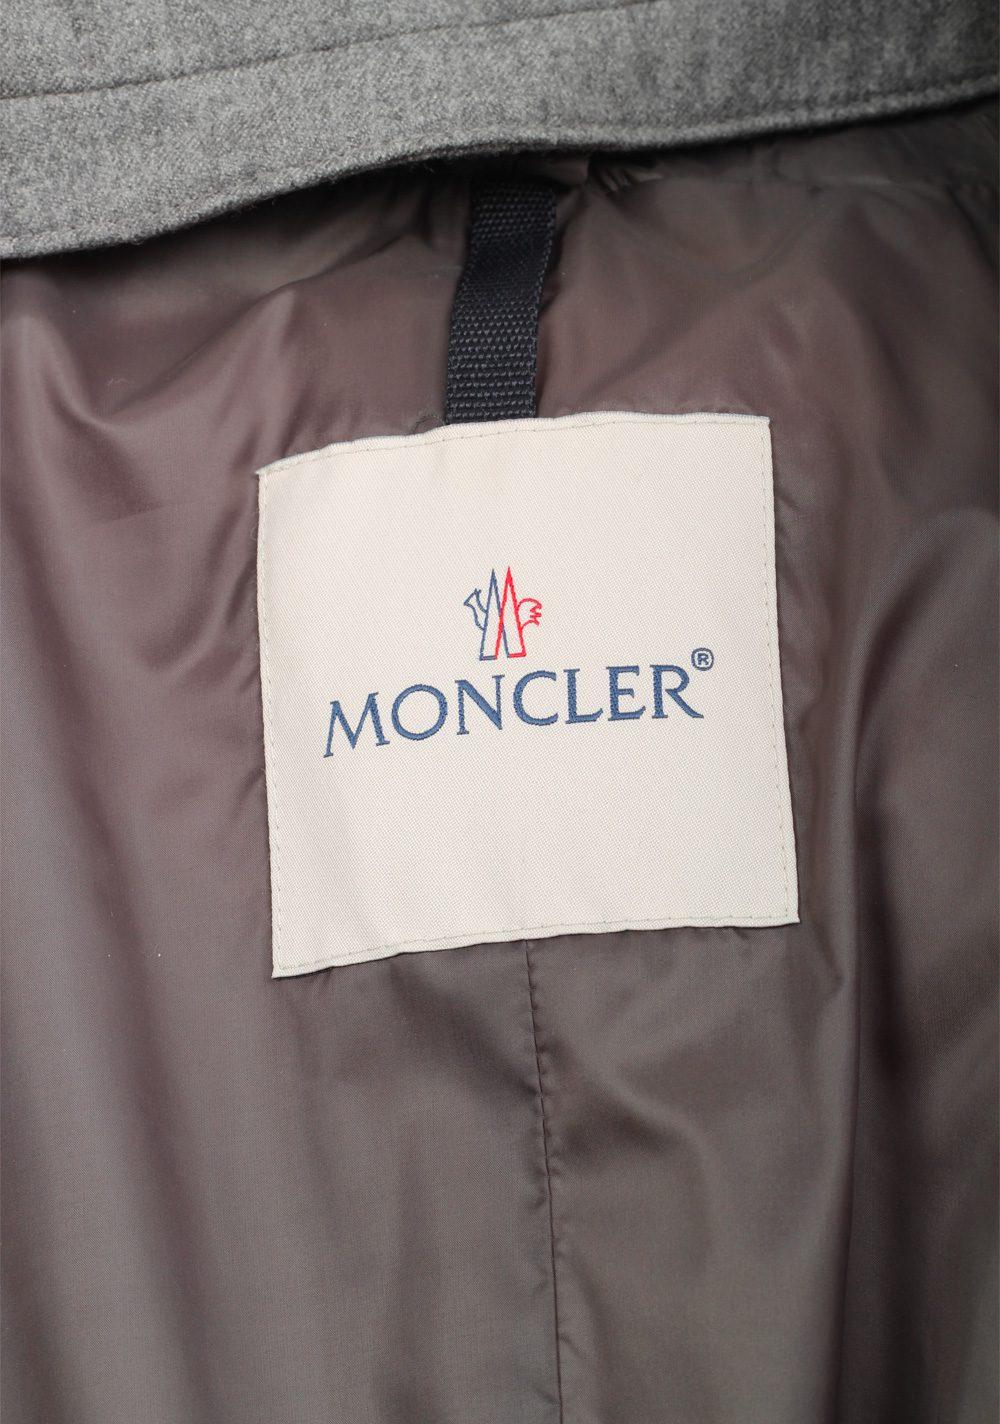 Moncler Gray Keid Saison Jacket Coat Size 6 / XXL / 56 / 46R U.S. | Costume Limité